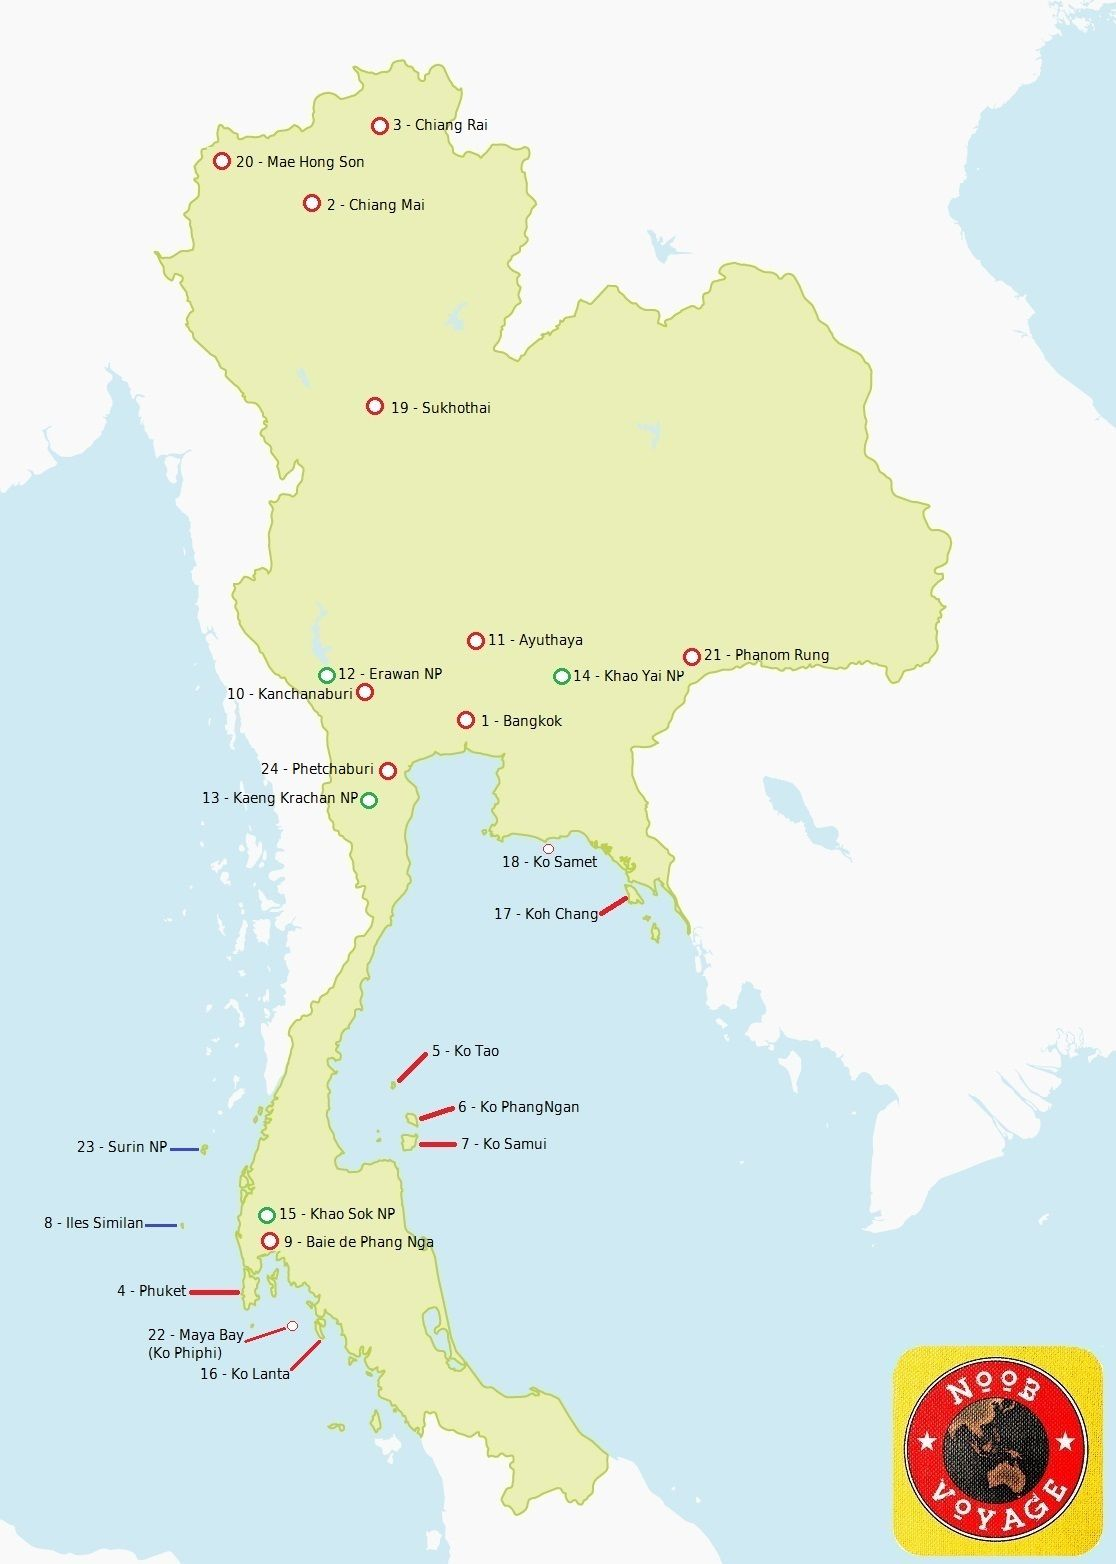 Carte Thailande Frontiere.Carte De La Thailande Detaillee Evasion A Visiter